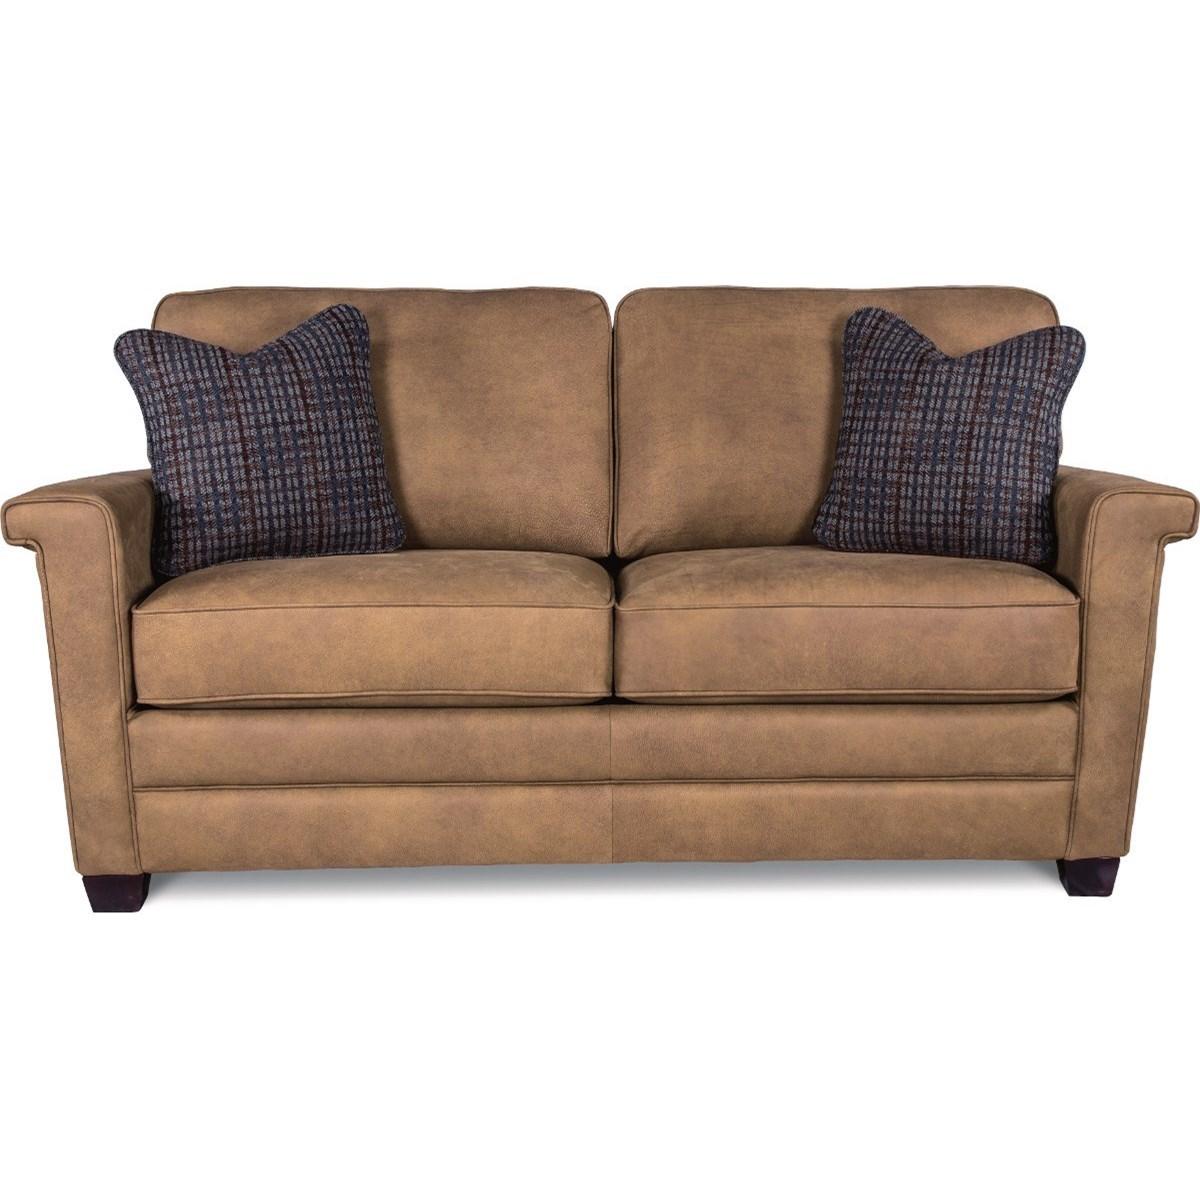 Bon La Z Boy Bexley Contemporary Full Size Sleeper Sofa